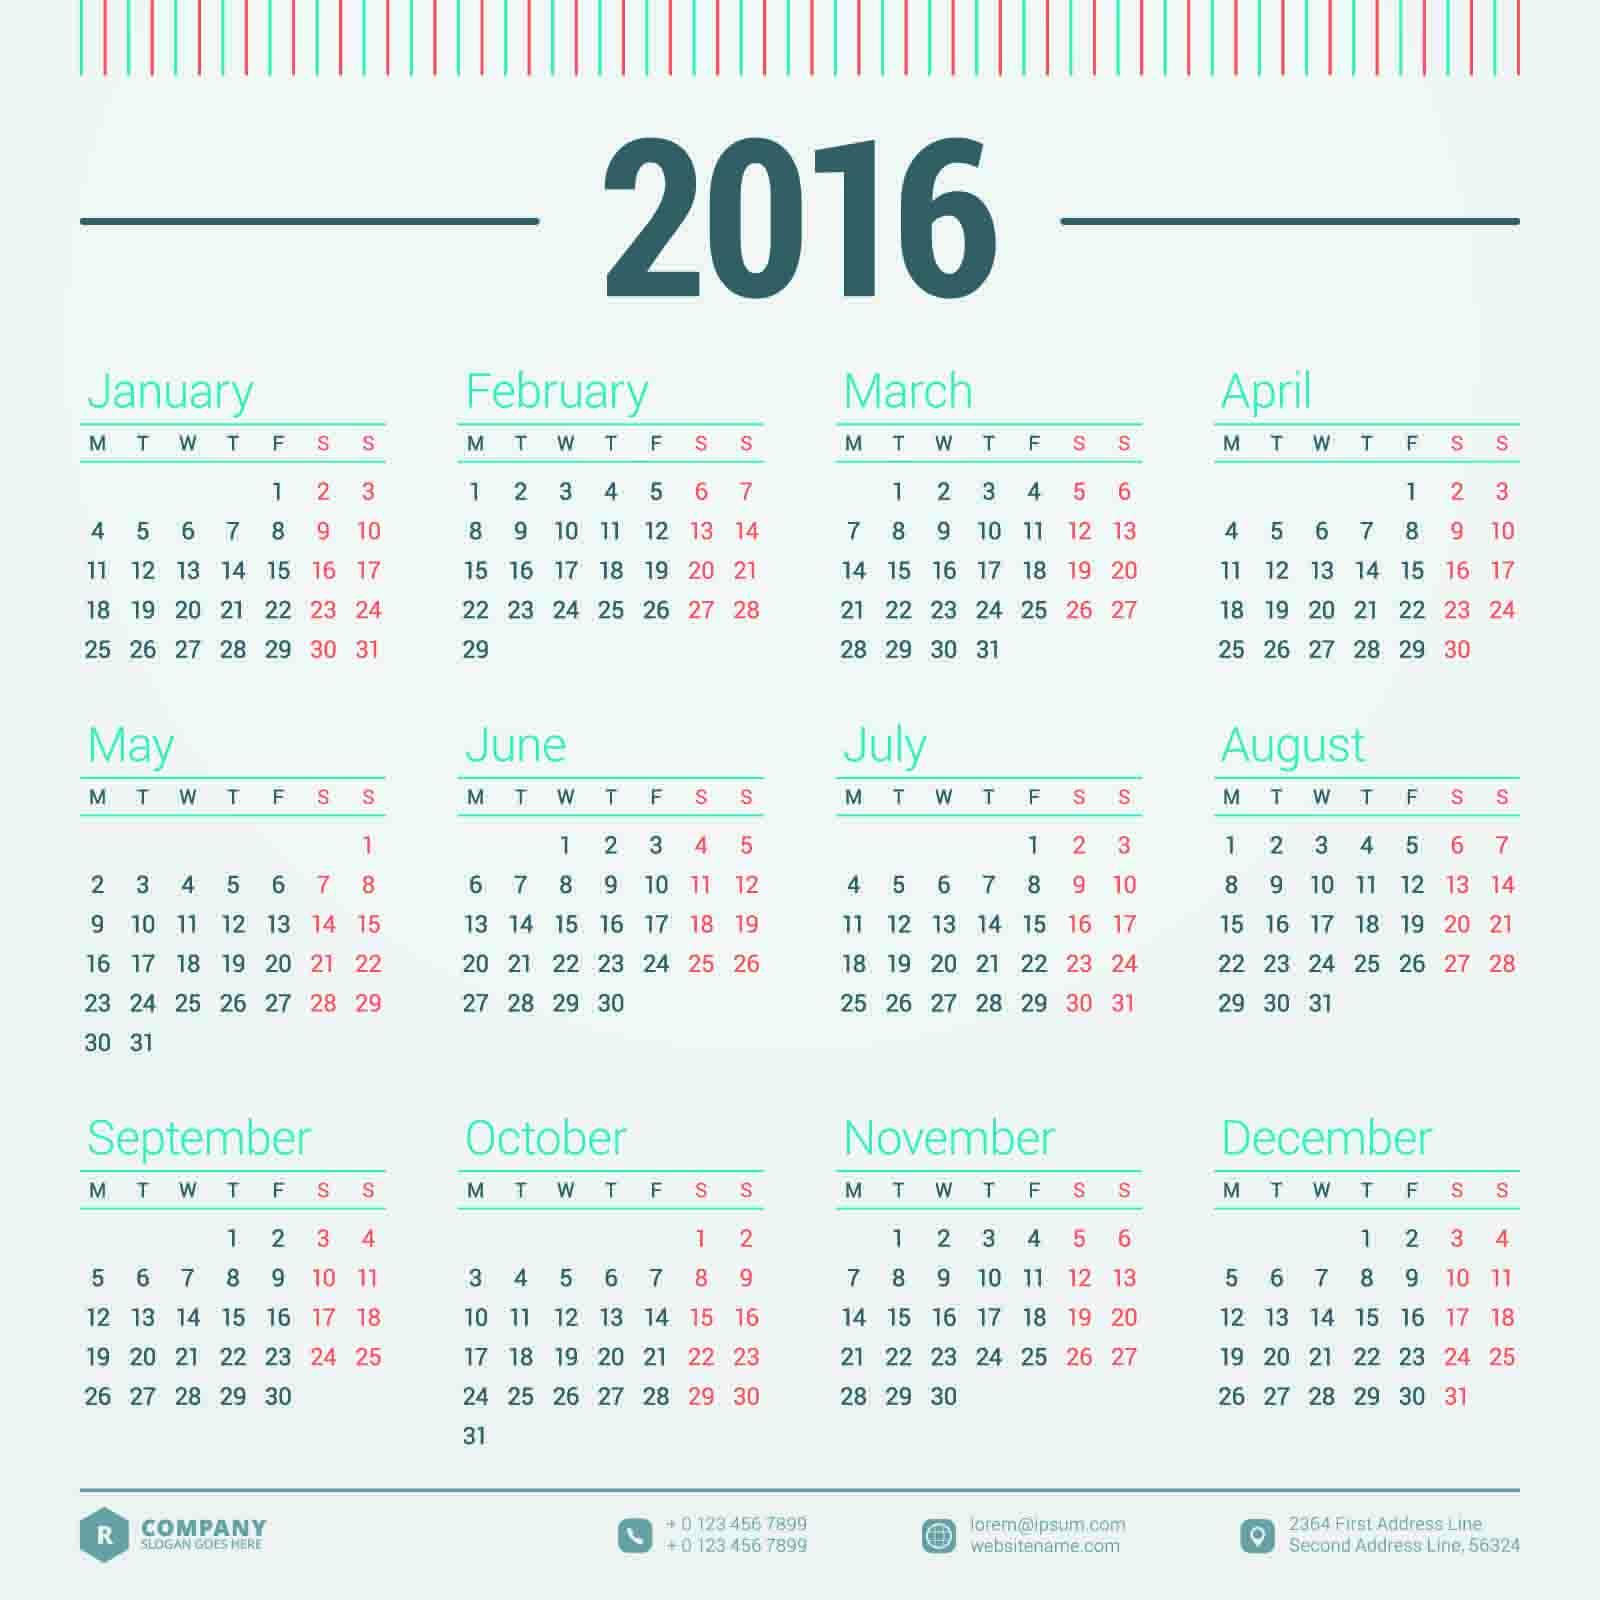 年賀状 2015年賀状無料ダウンロード : 2016 Calendar